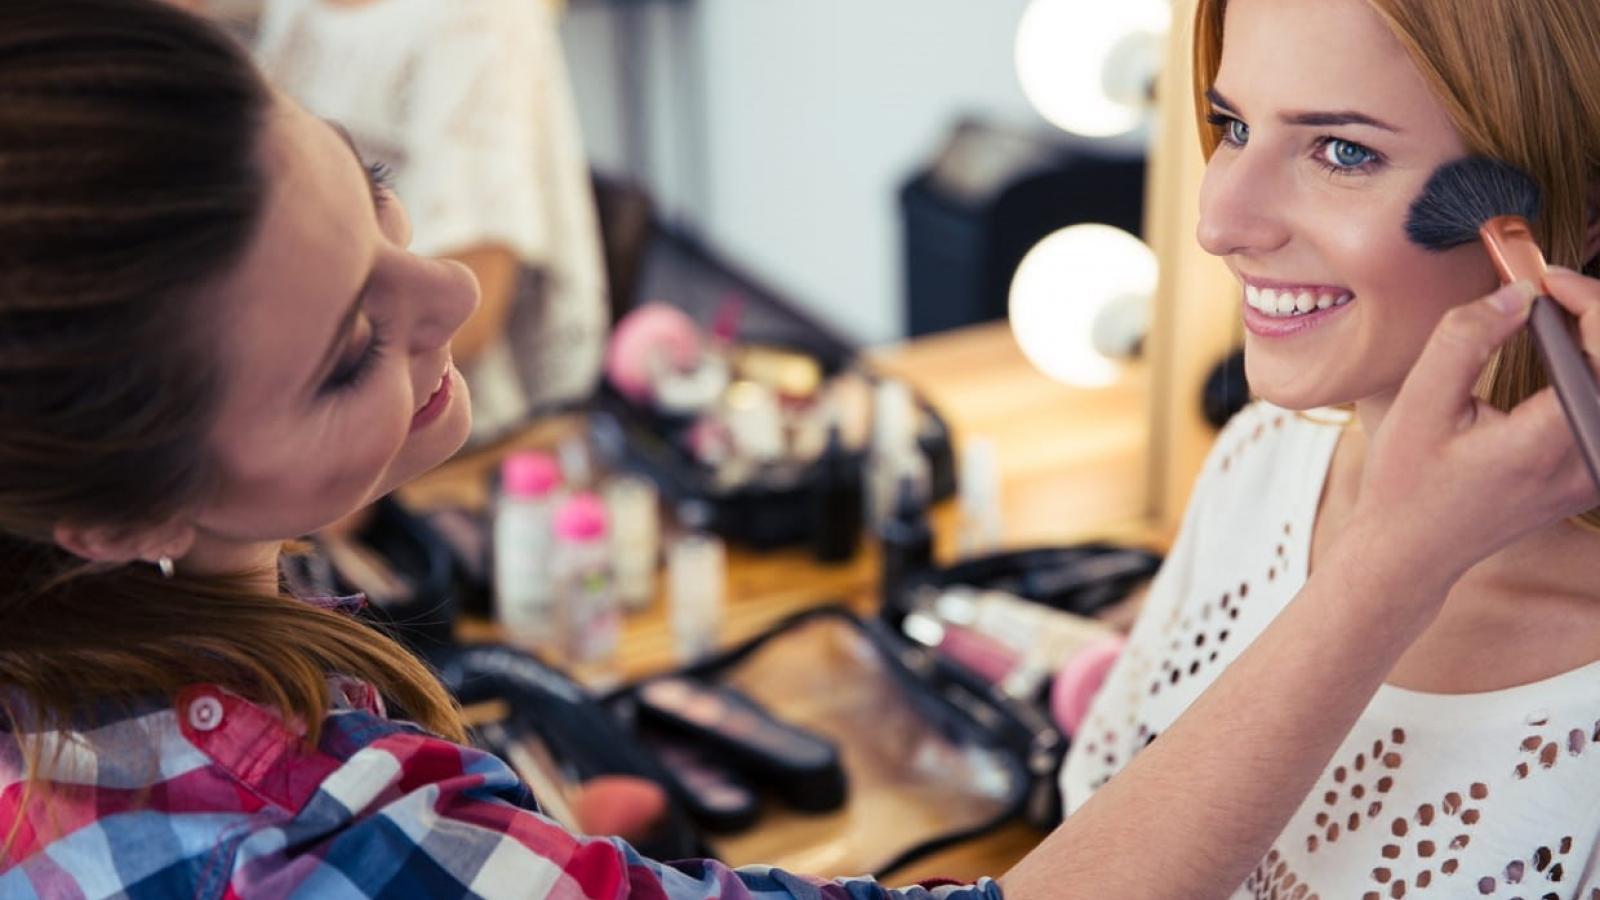 Mách bạn 5 bí quyếtgiúp lớp make-up hoàn hảo đón Tết